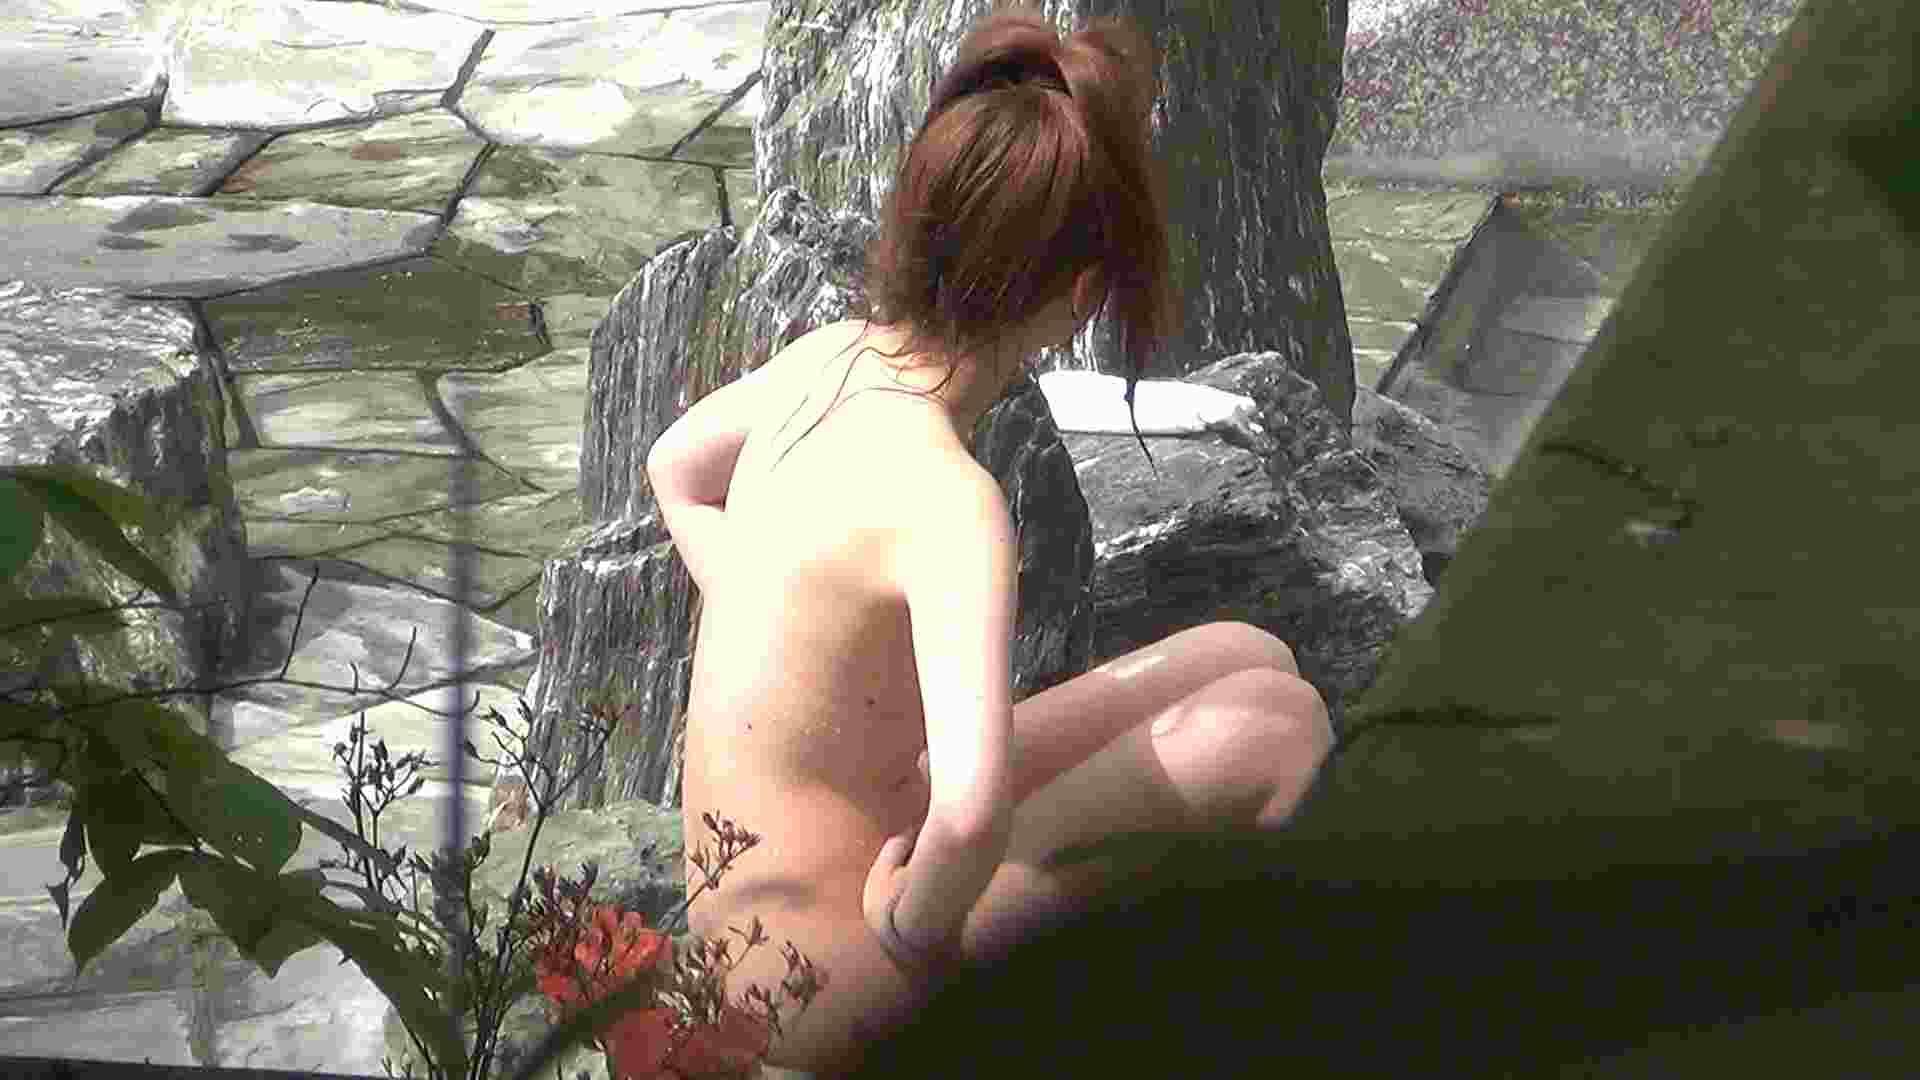 ハイビジョンVol.14 年齢とともに大きくなる心と乳首 美女 のぞき動画画像 110枚 62